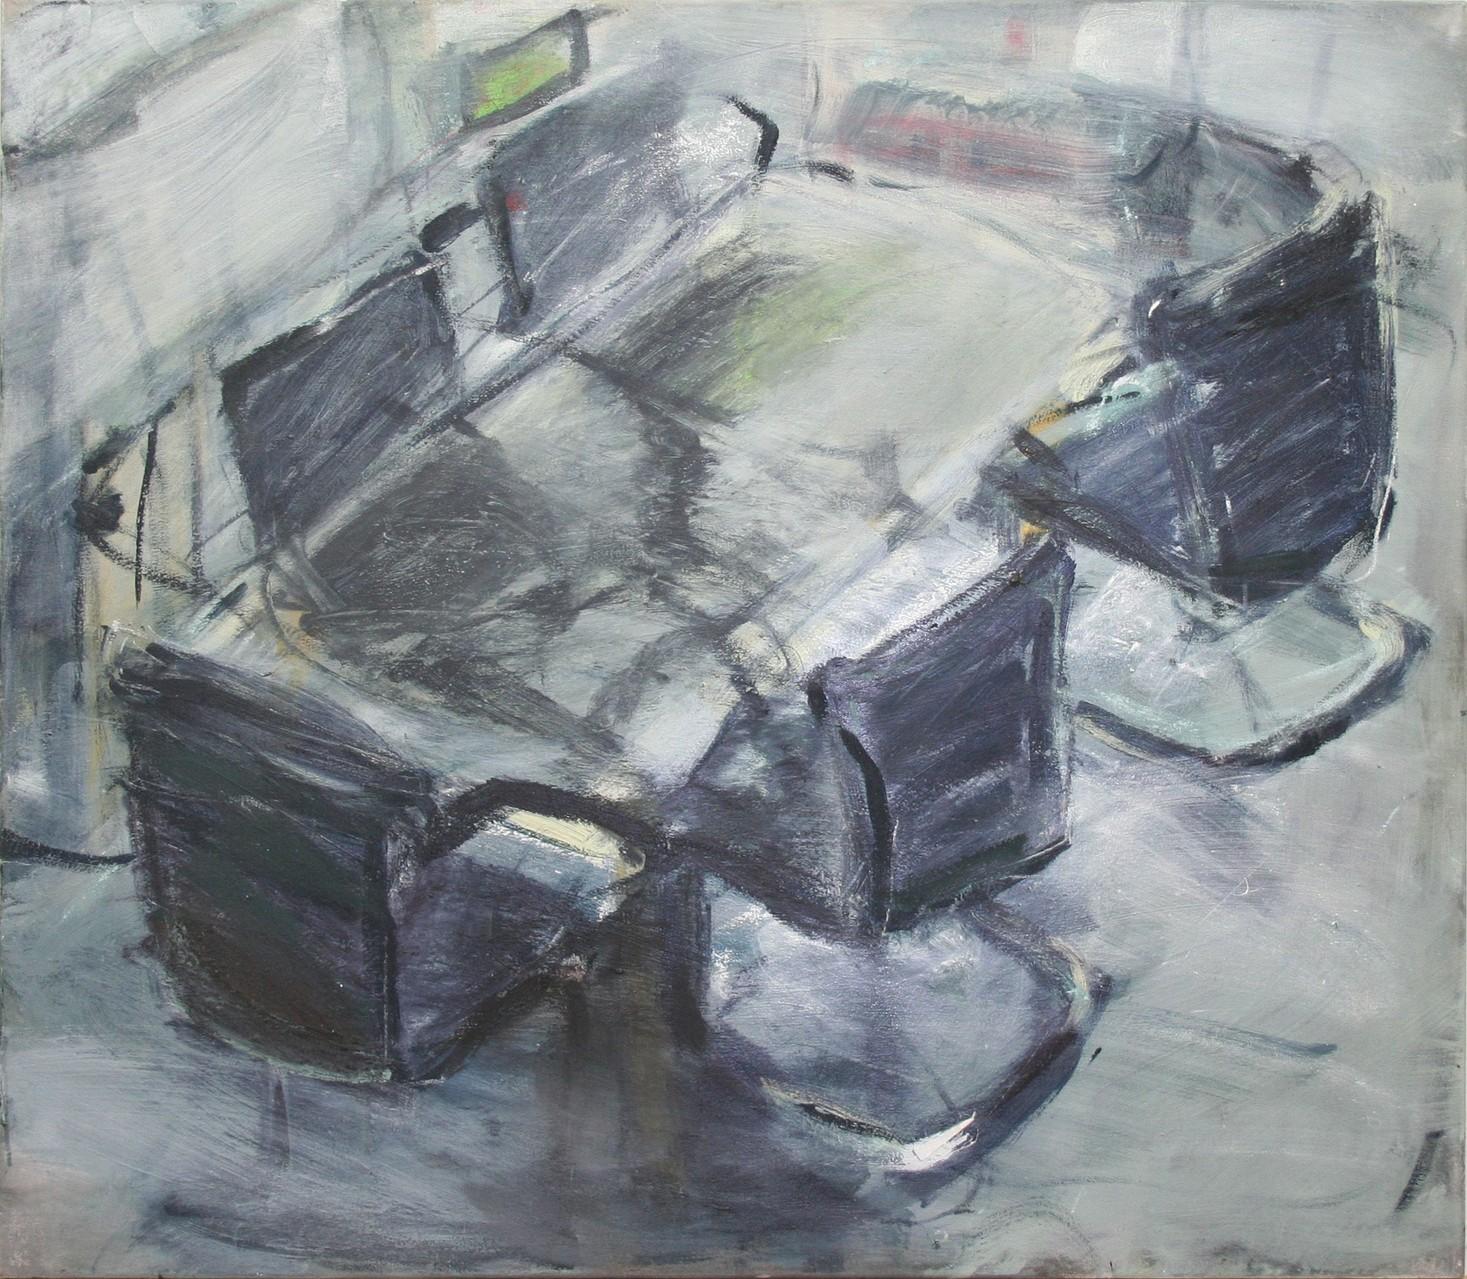 Chefsessel | 105 x 120 cm | 2008